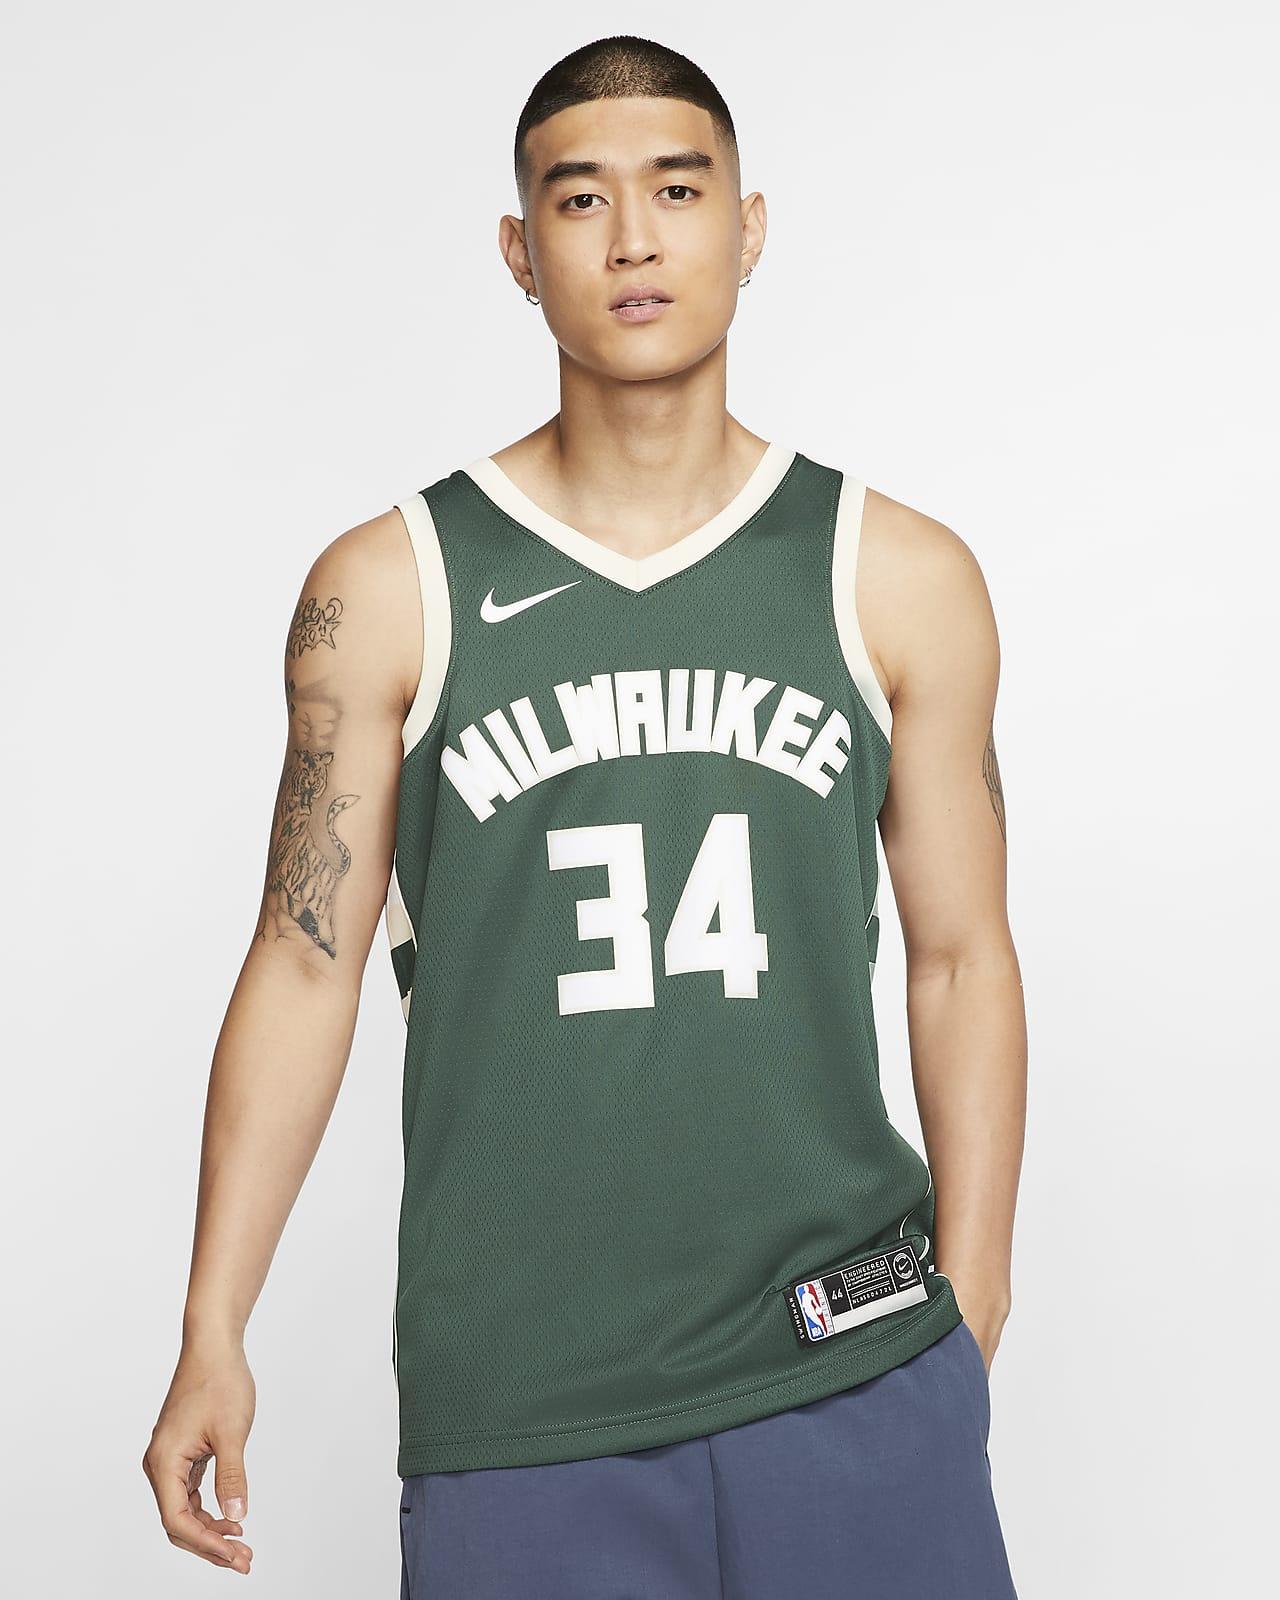 Maillot Nike NBA Swingman Giannis Antetokounmpo Bucks Icon Edition pour Homme